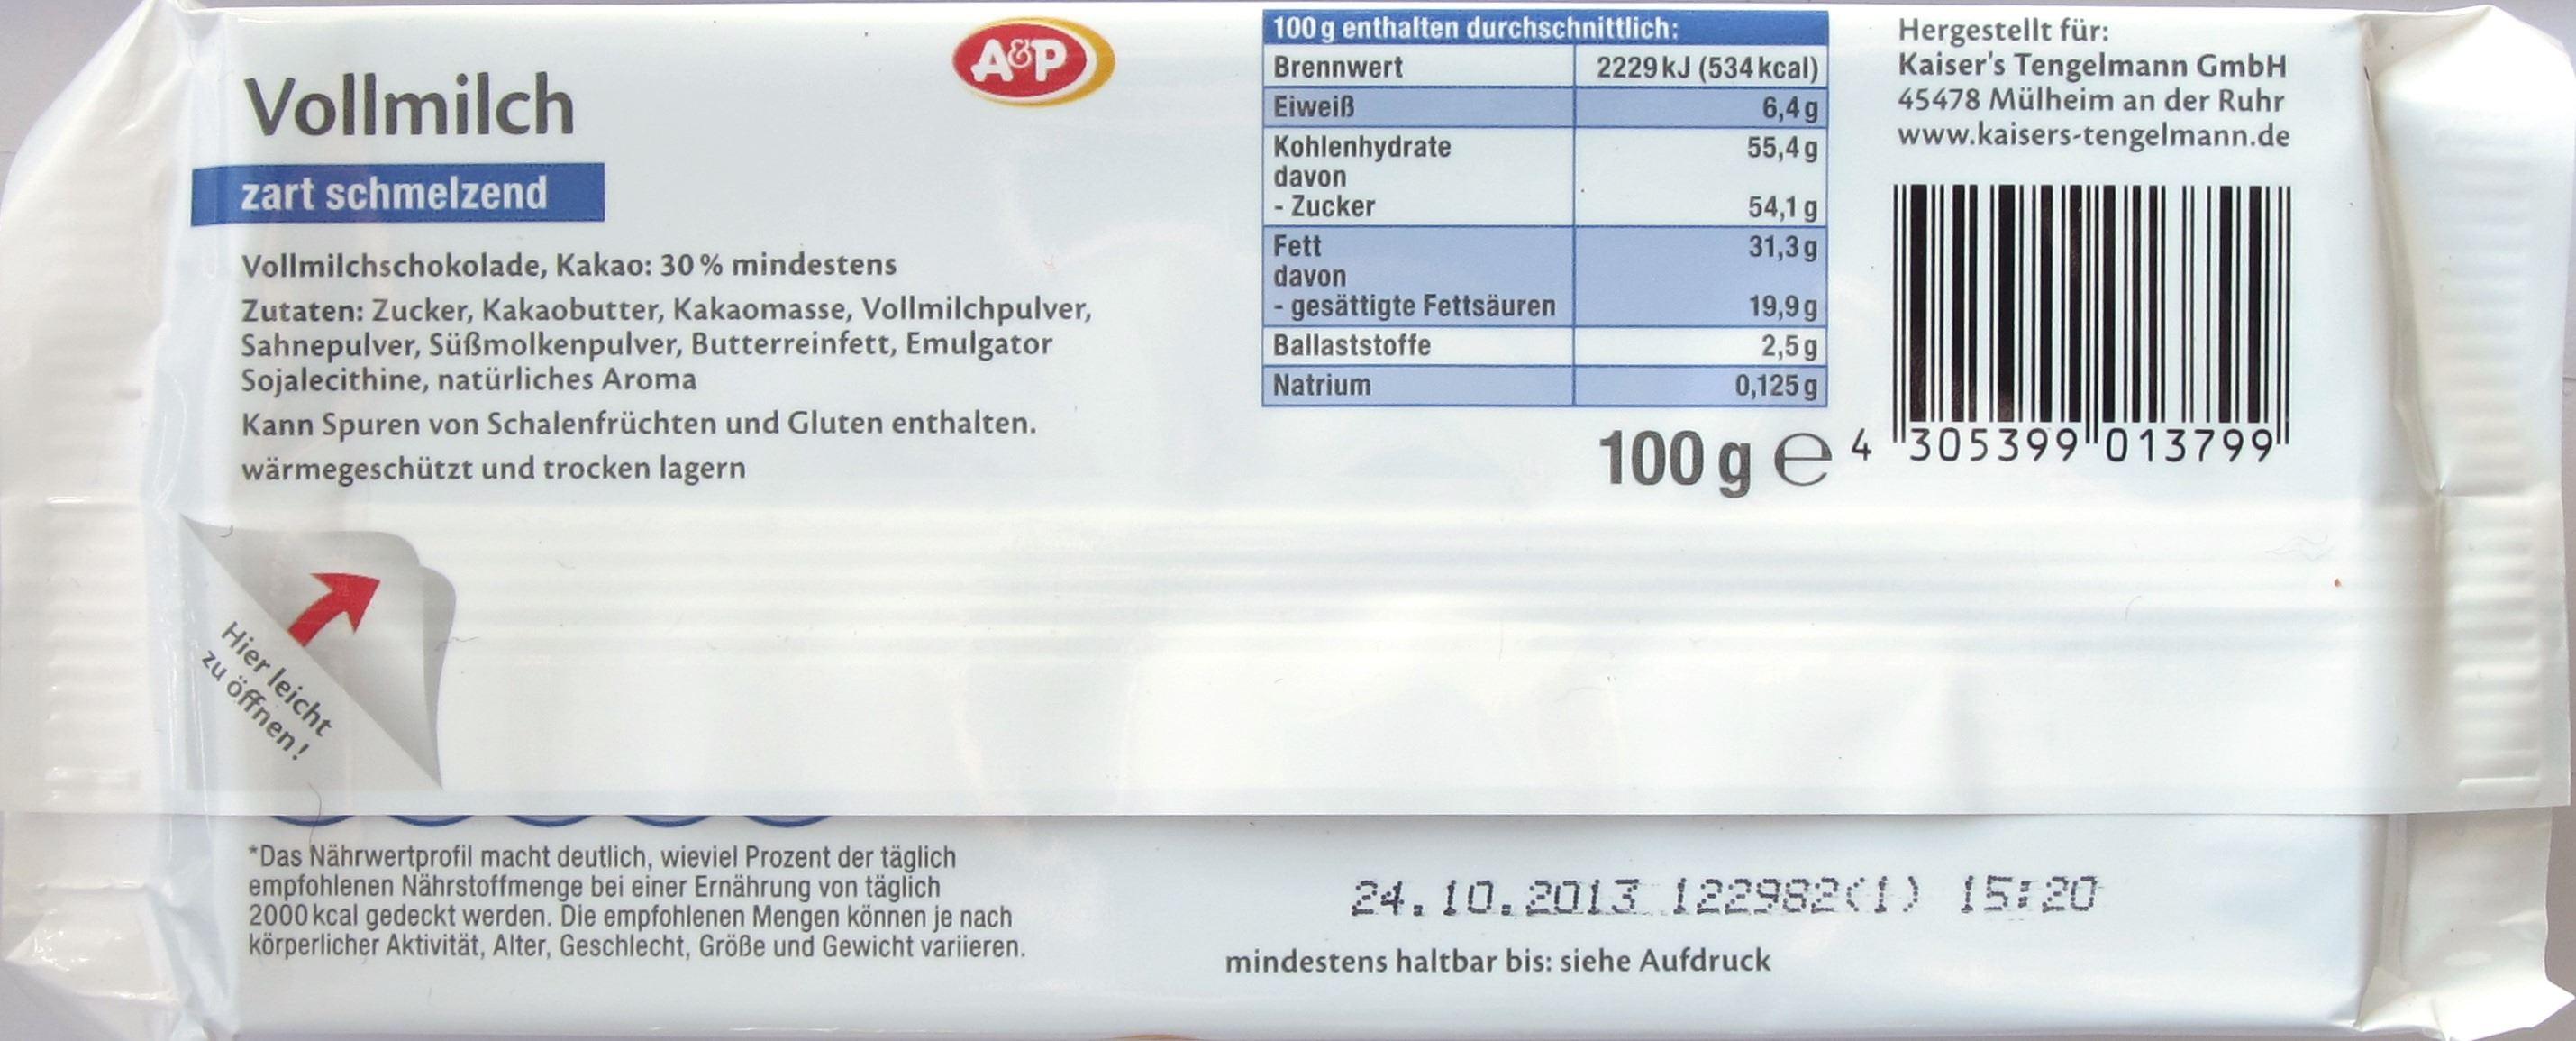 Tengelmann/Kaisers/A&P Vollmilchschokolade - Rückseite